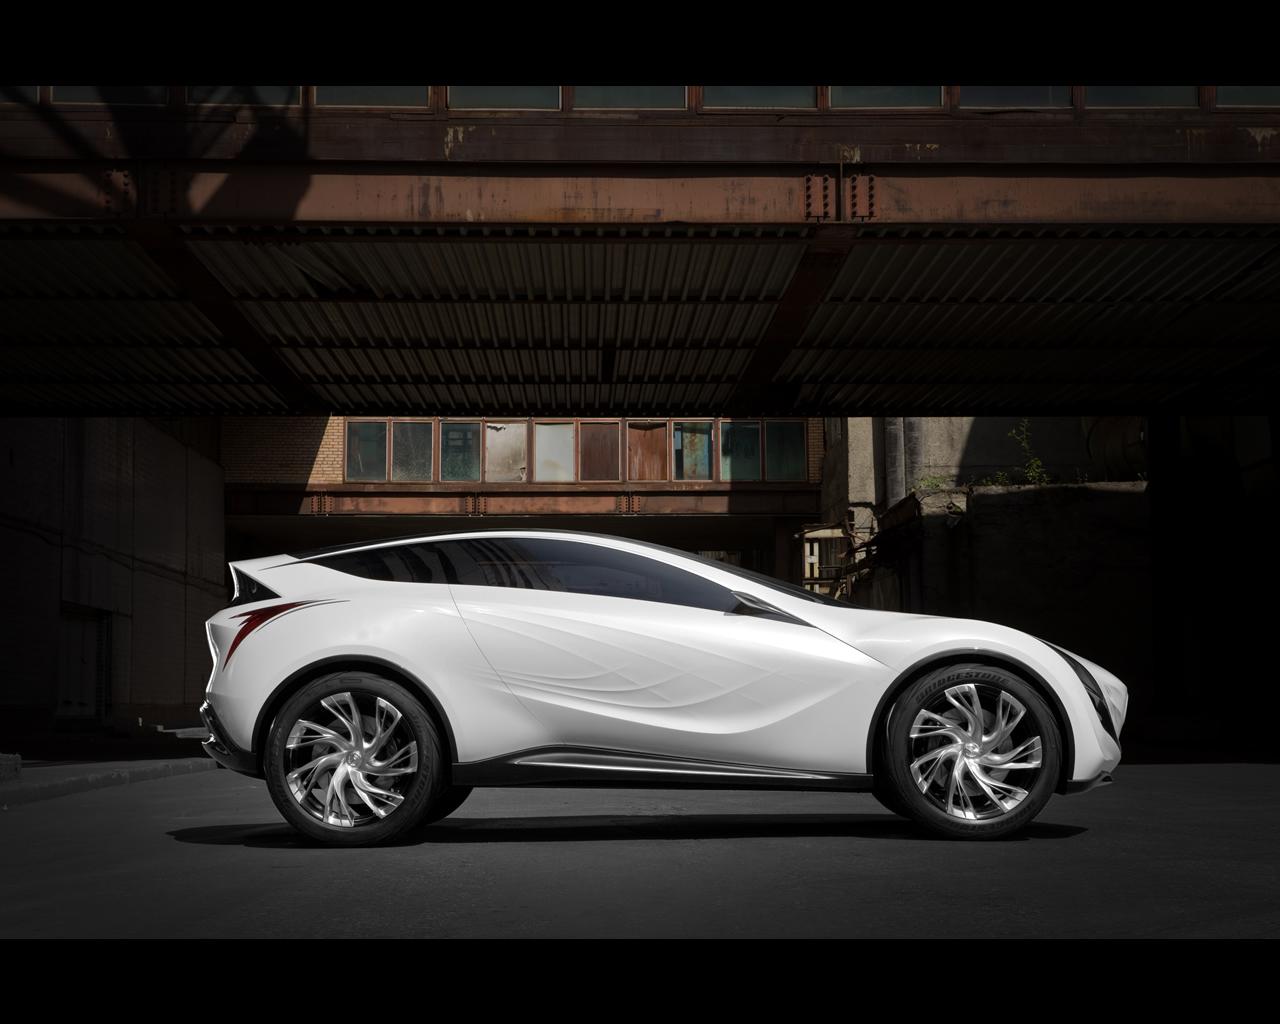 http://autoconcept-reviews.com/cars_reviews/mazda/mazda-kazamai-concept-2008/wallpaper/4.jpg